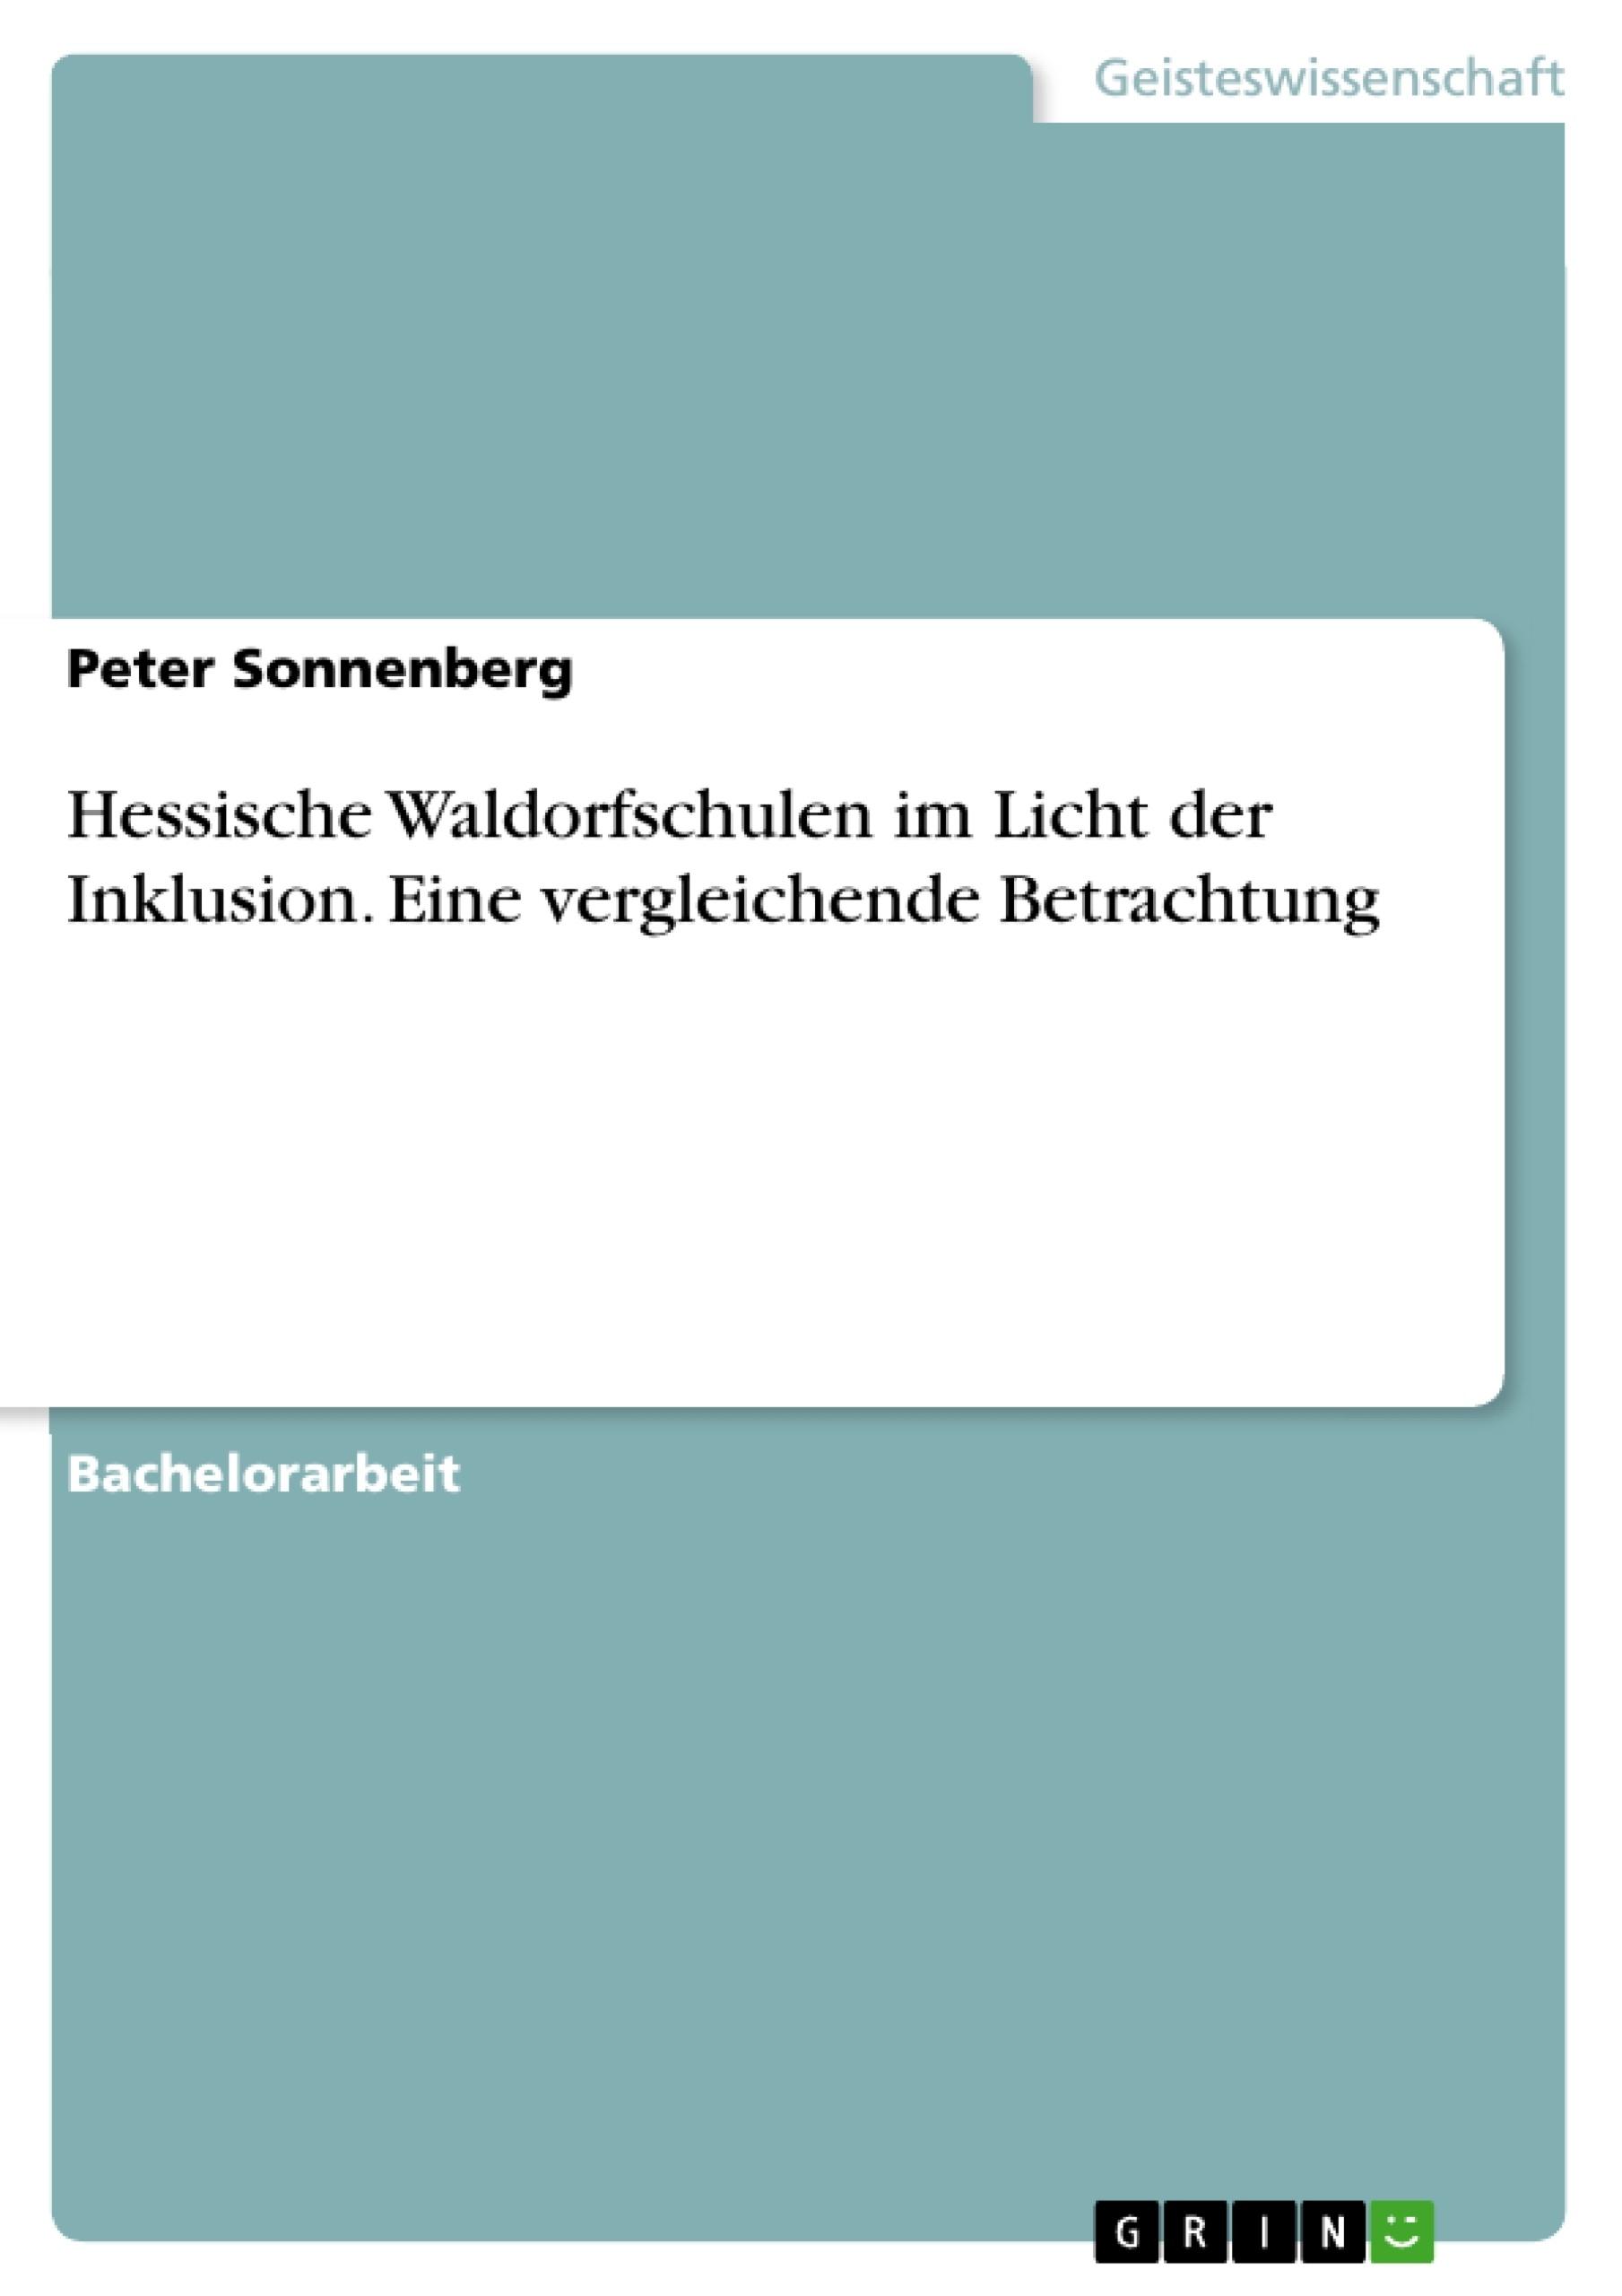 Titel: Hessische Waldorfschulen im Licht der Inklusion. Eine vergleichende Betrachtung